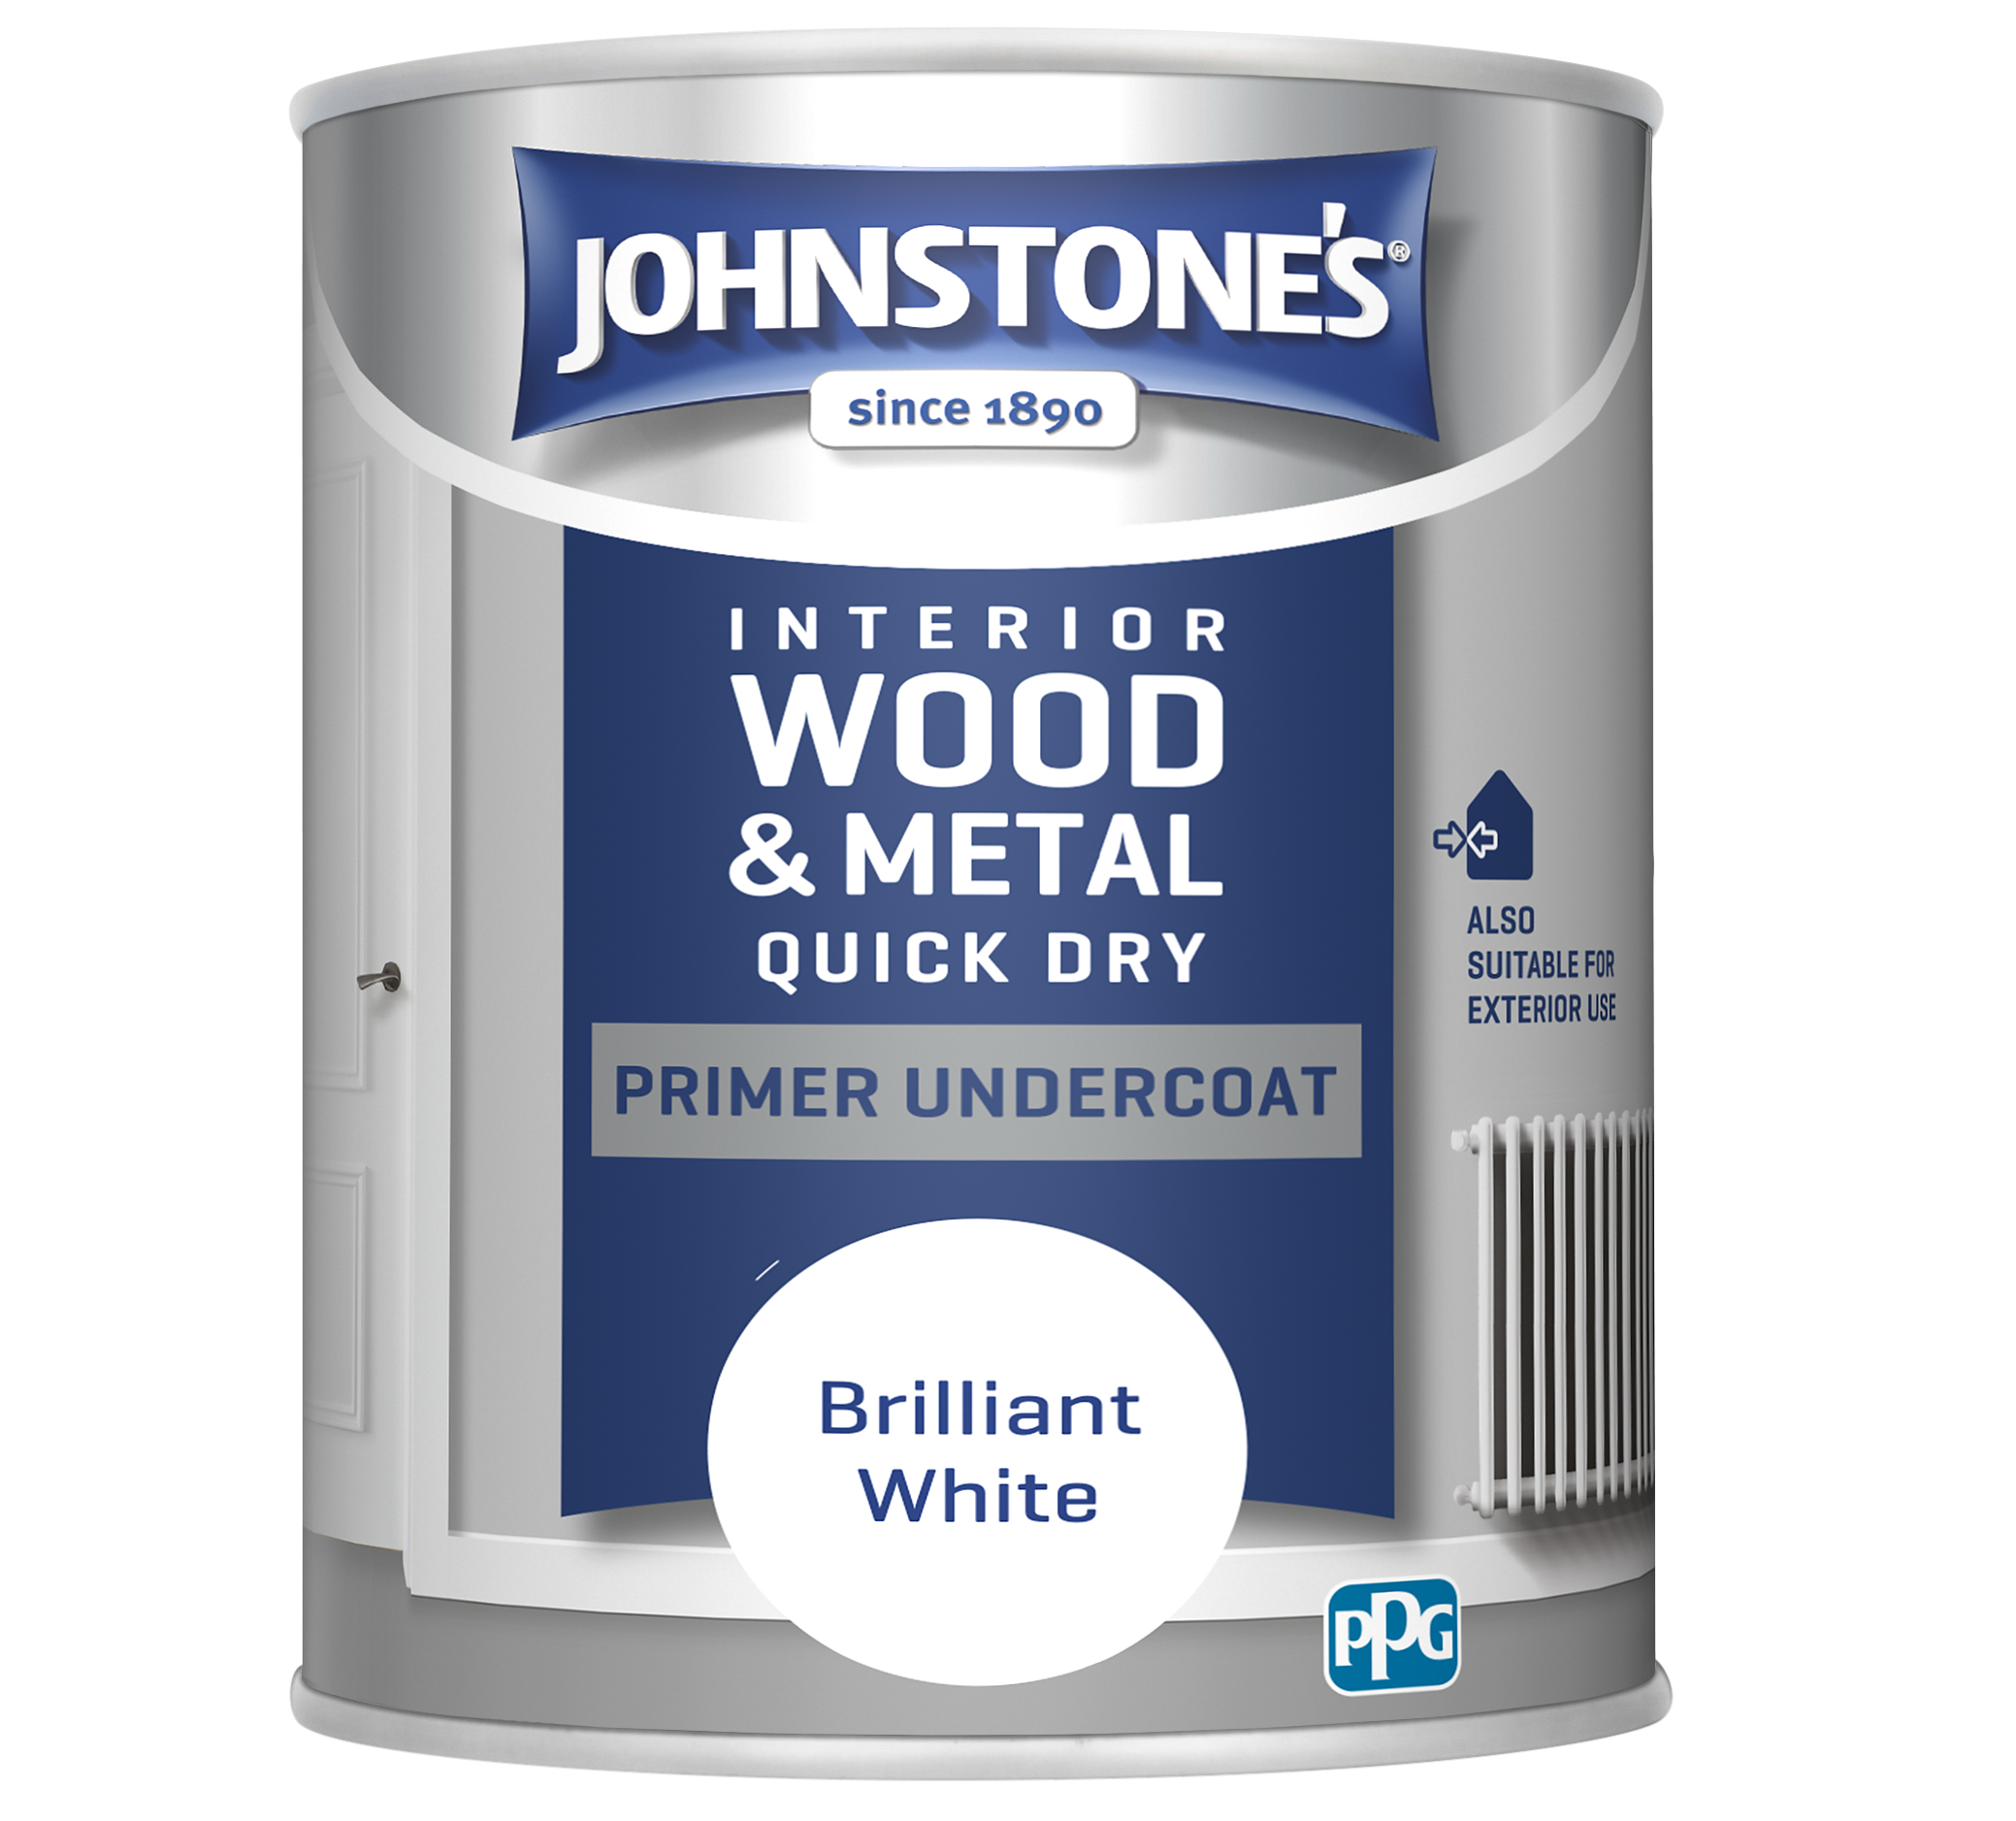 Johnstones 750ml Quick Dry Primer Undercoat - Brilliant White